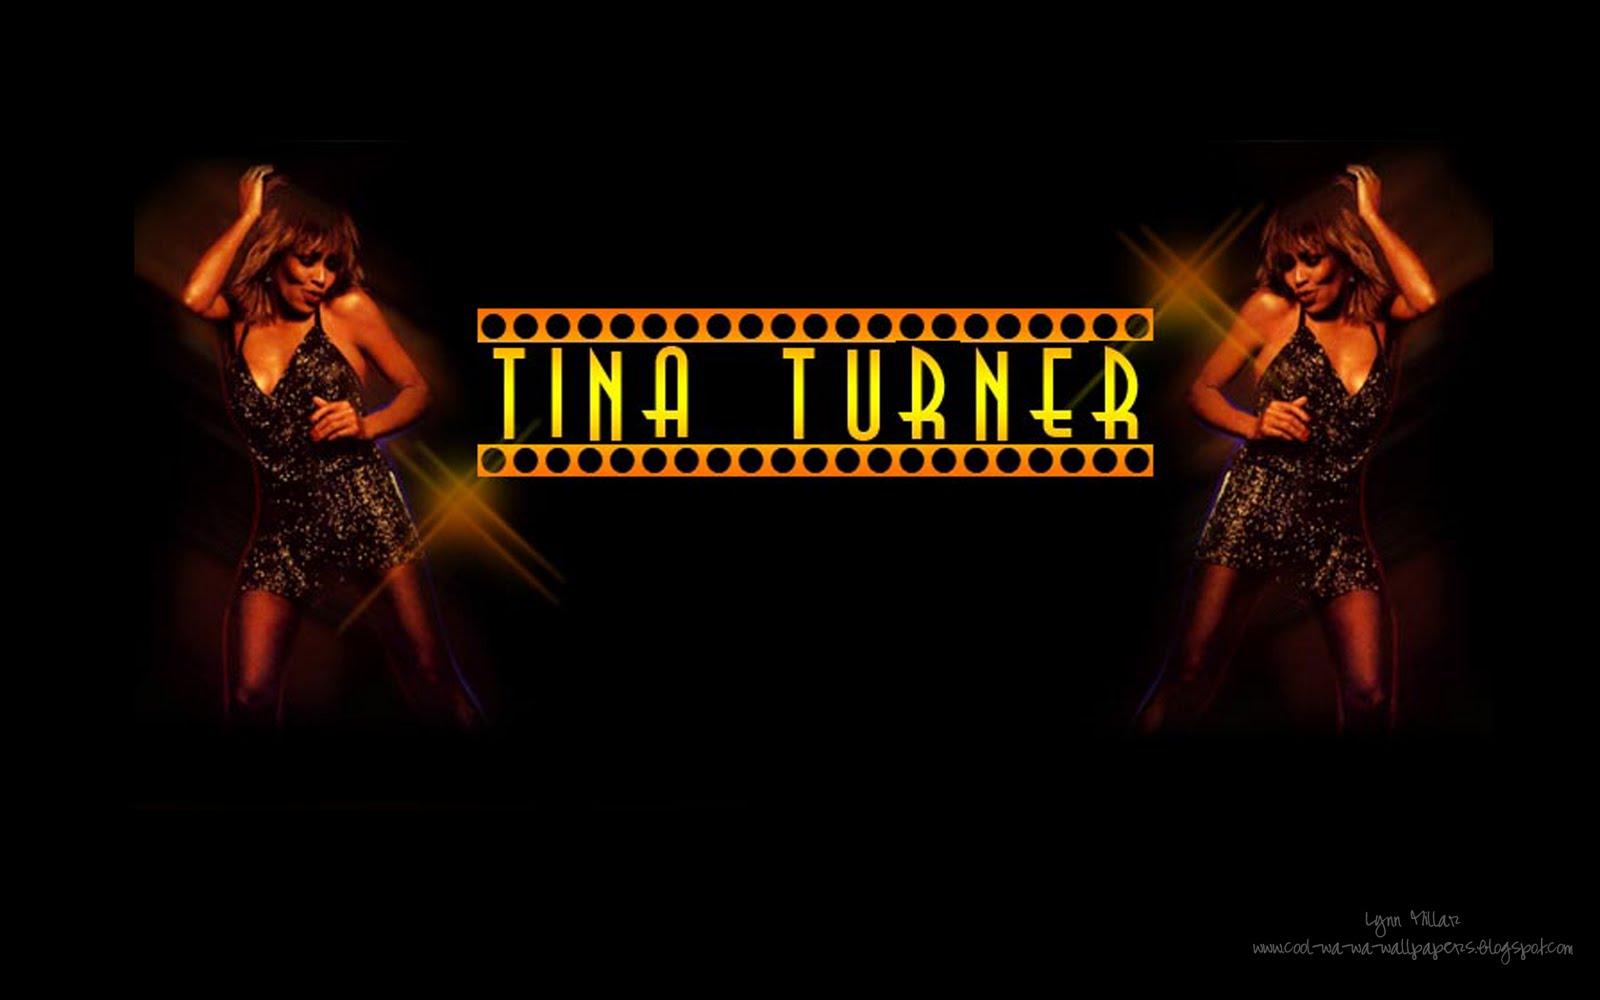 http://4.bp.blogspot.com/_Y2kSDpgyNsw/S8BW91iWU9I/AAAAAAAAARo/cRWFZn5FYz4/s1600/tina-turner.jpg